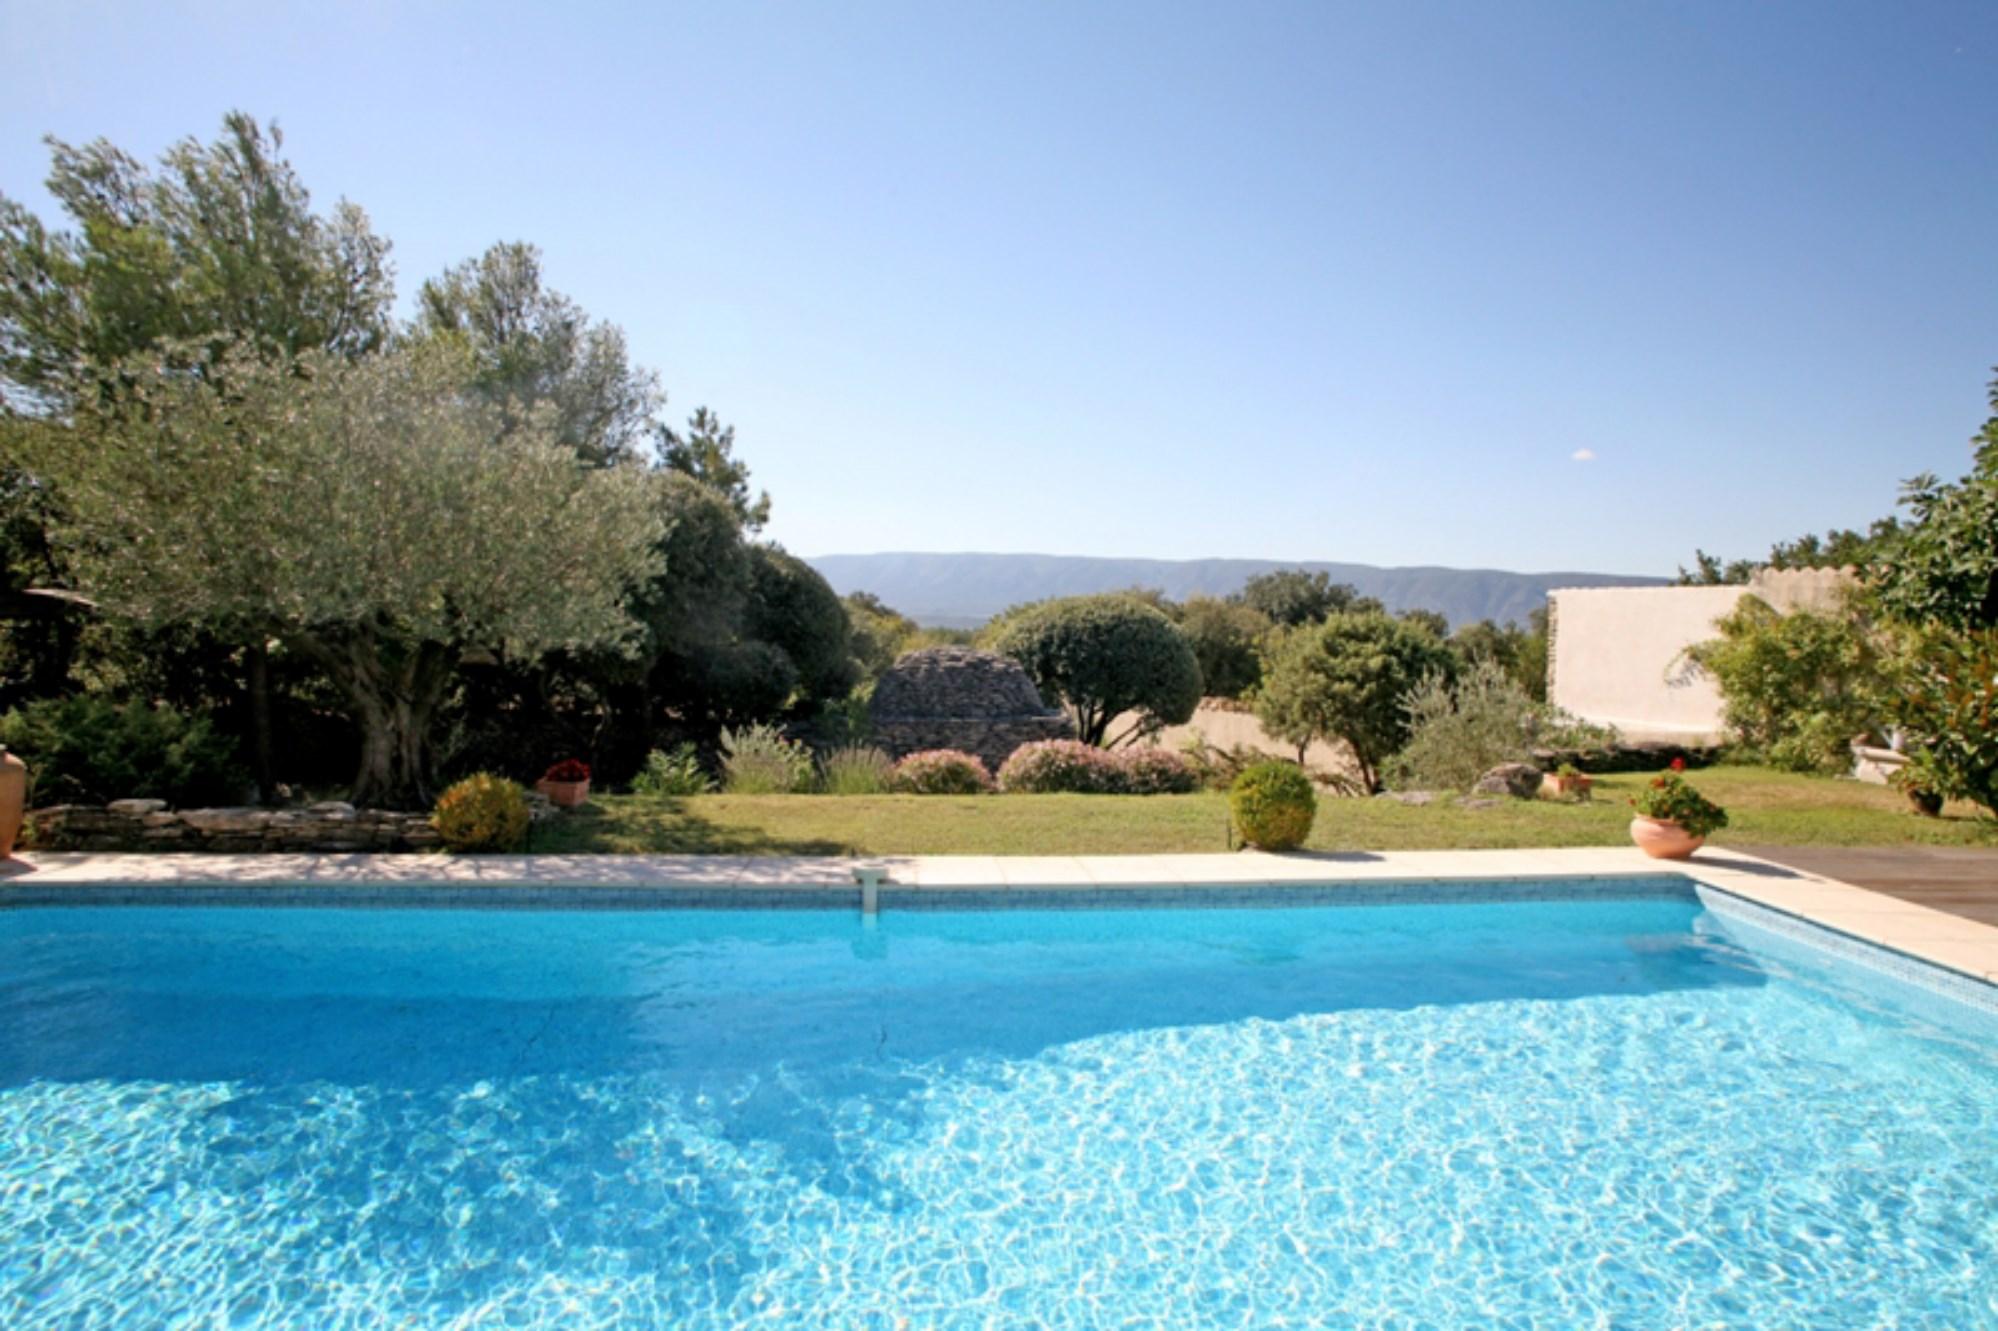 A proximité de Gordes en Luberon,  à vendre, jolie maison avec terrasse, jardin et piscine, face au Luberon, avec vue dégagée